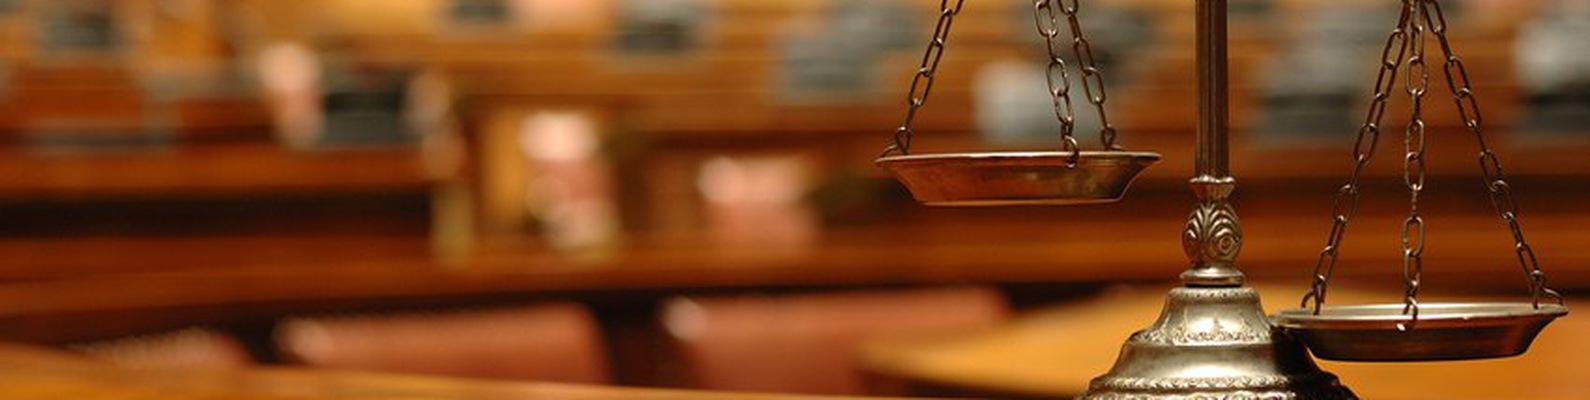 картинки по юридической помощи